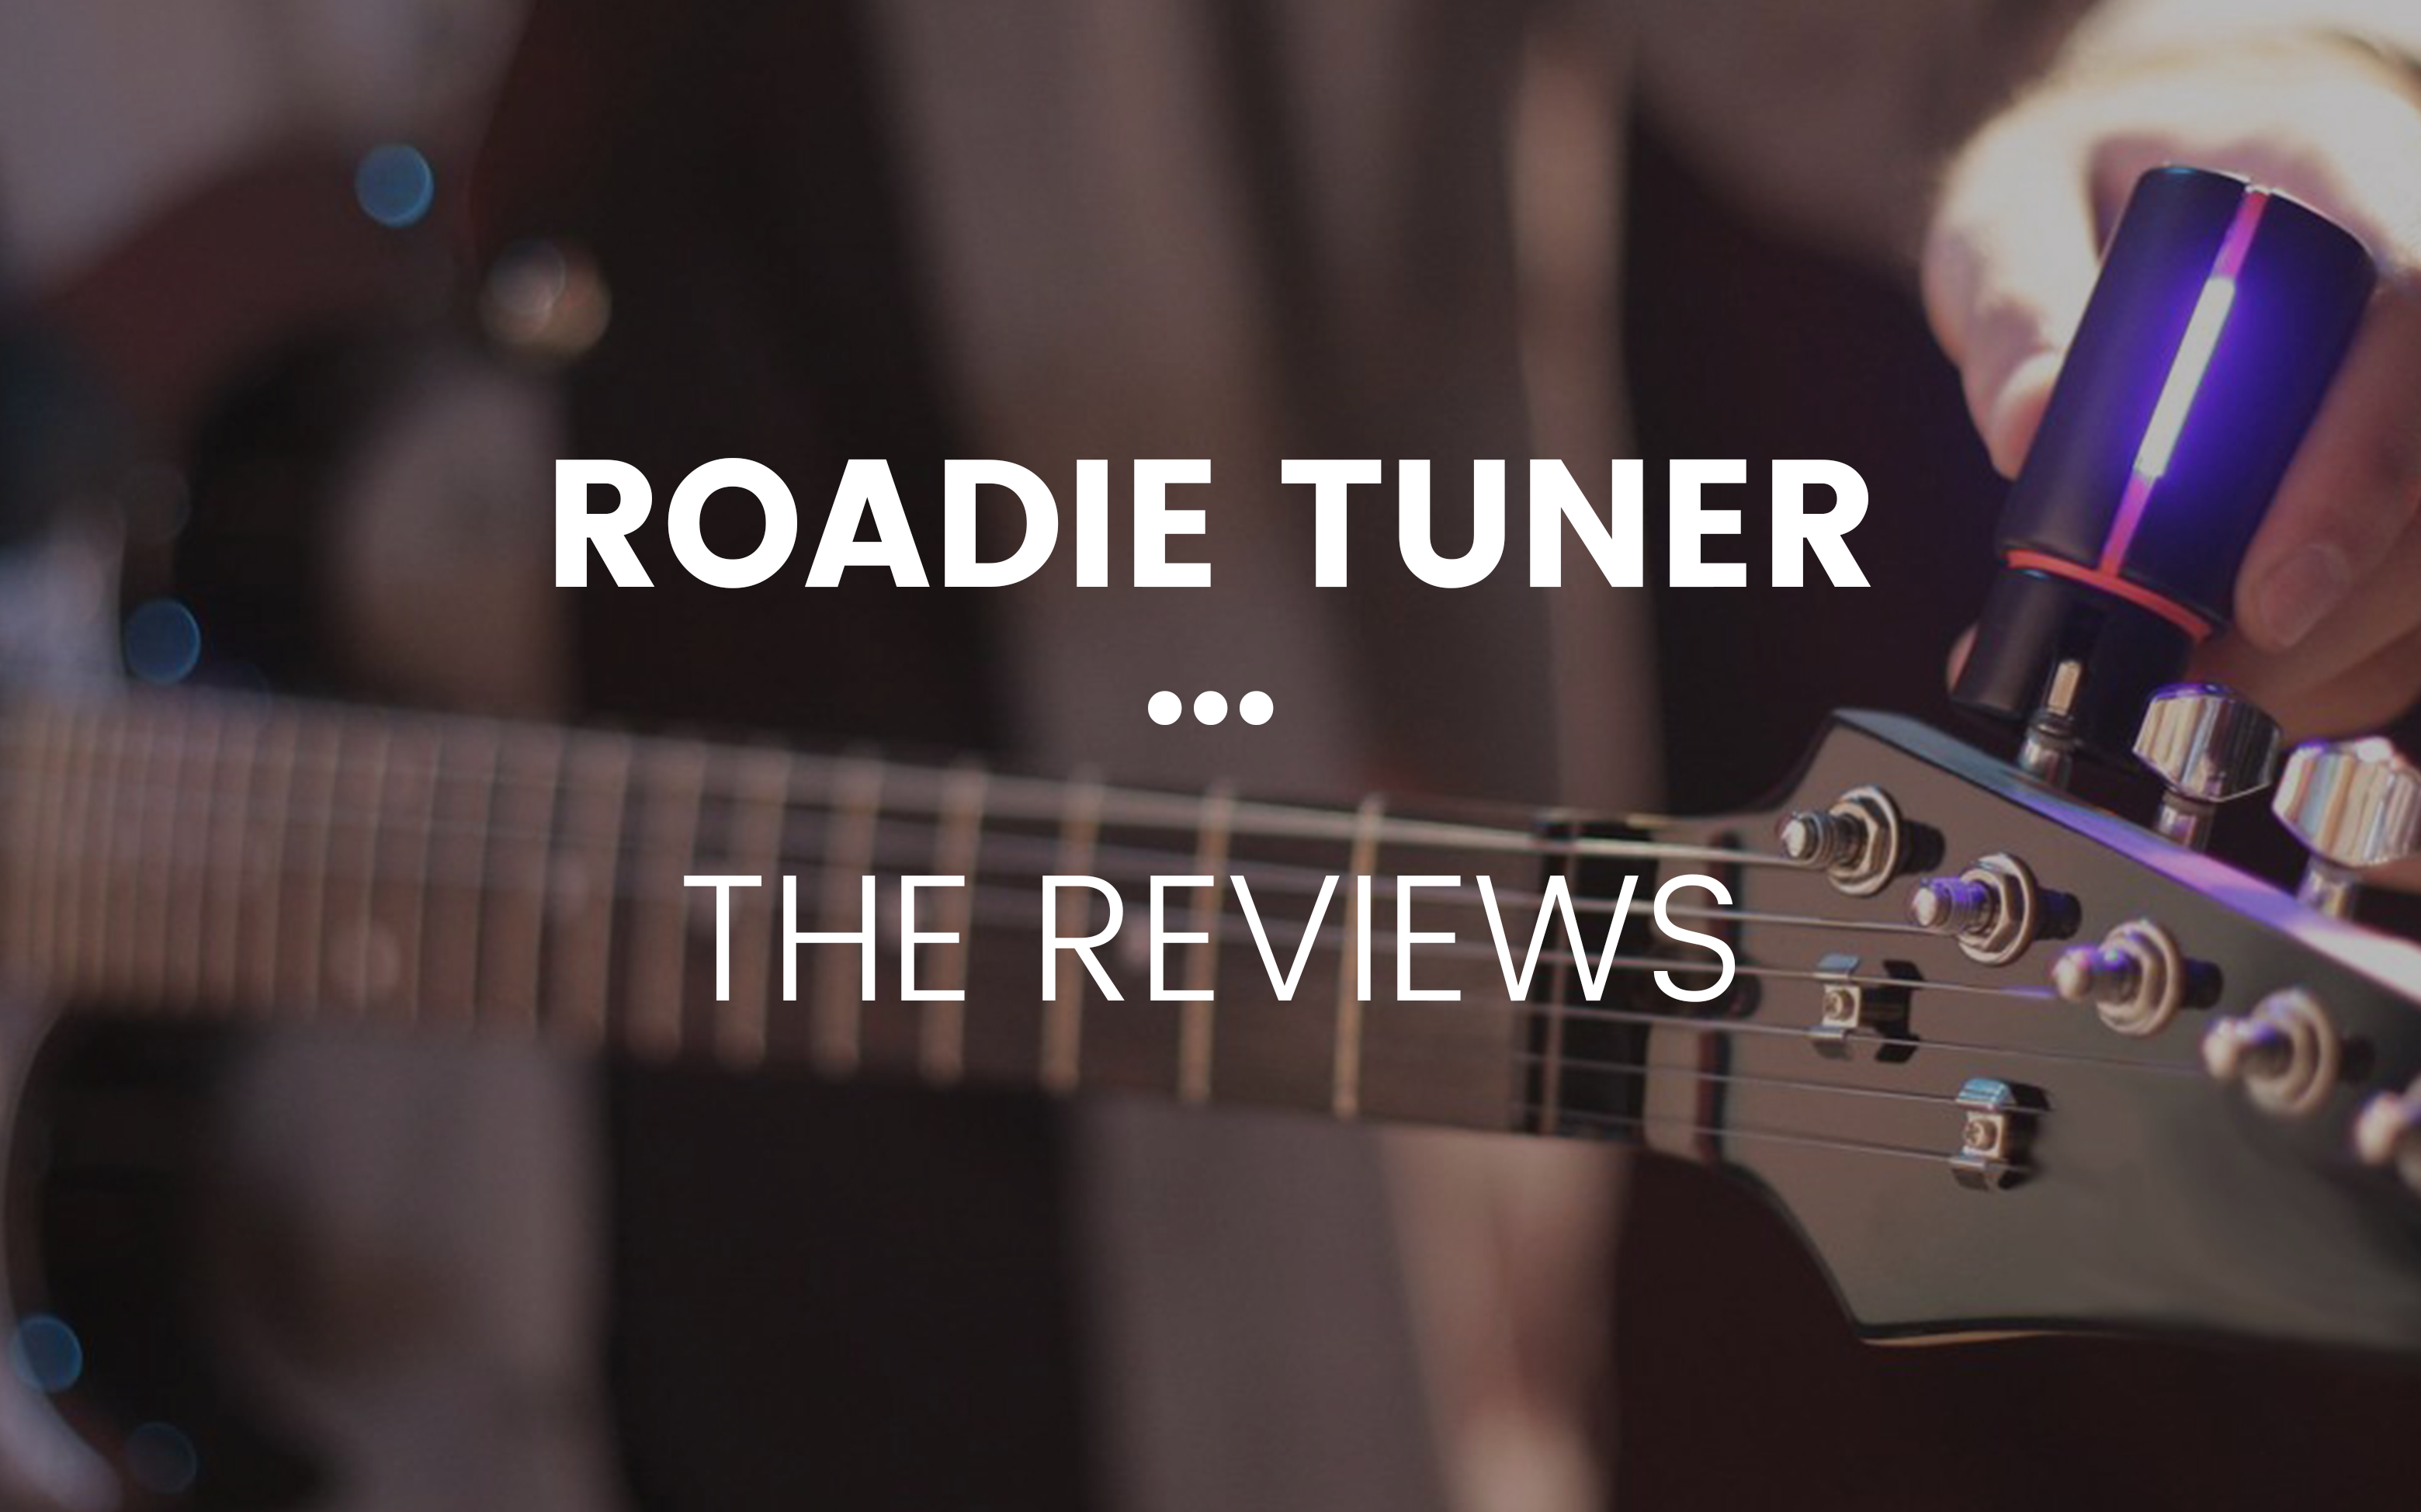 Roadie Tuner – The Reviews